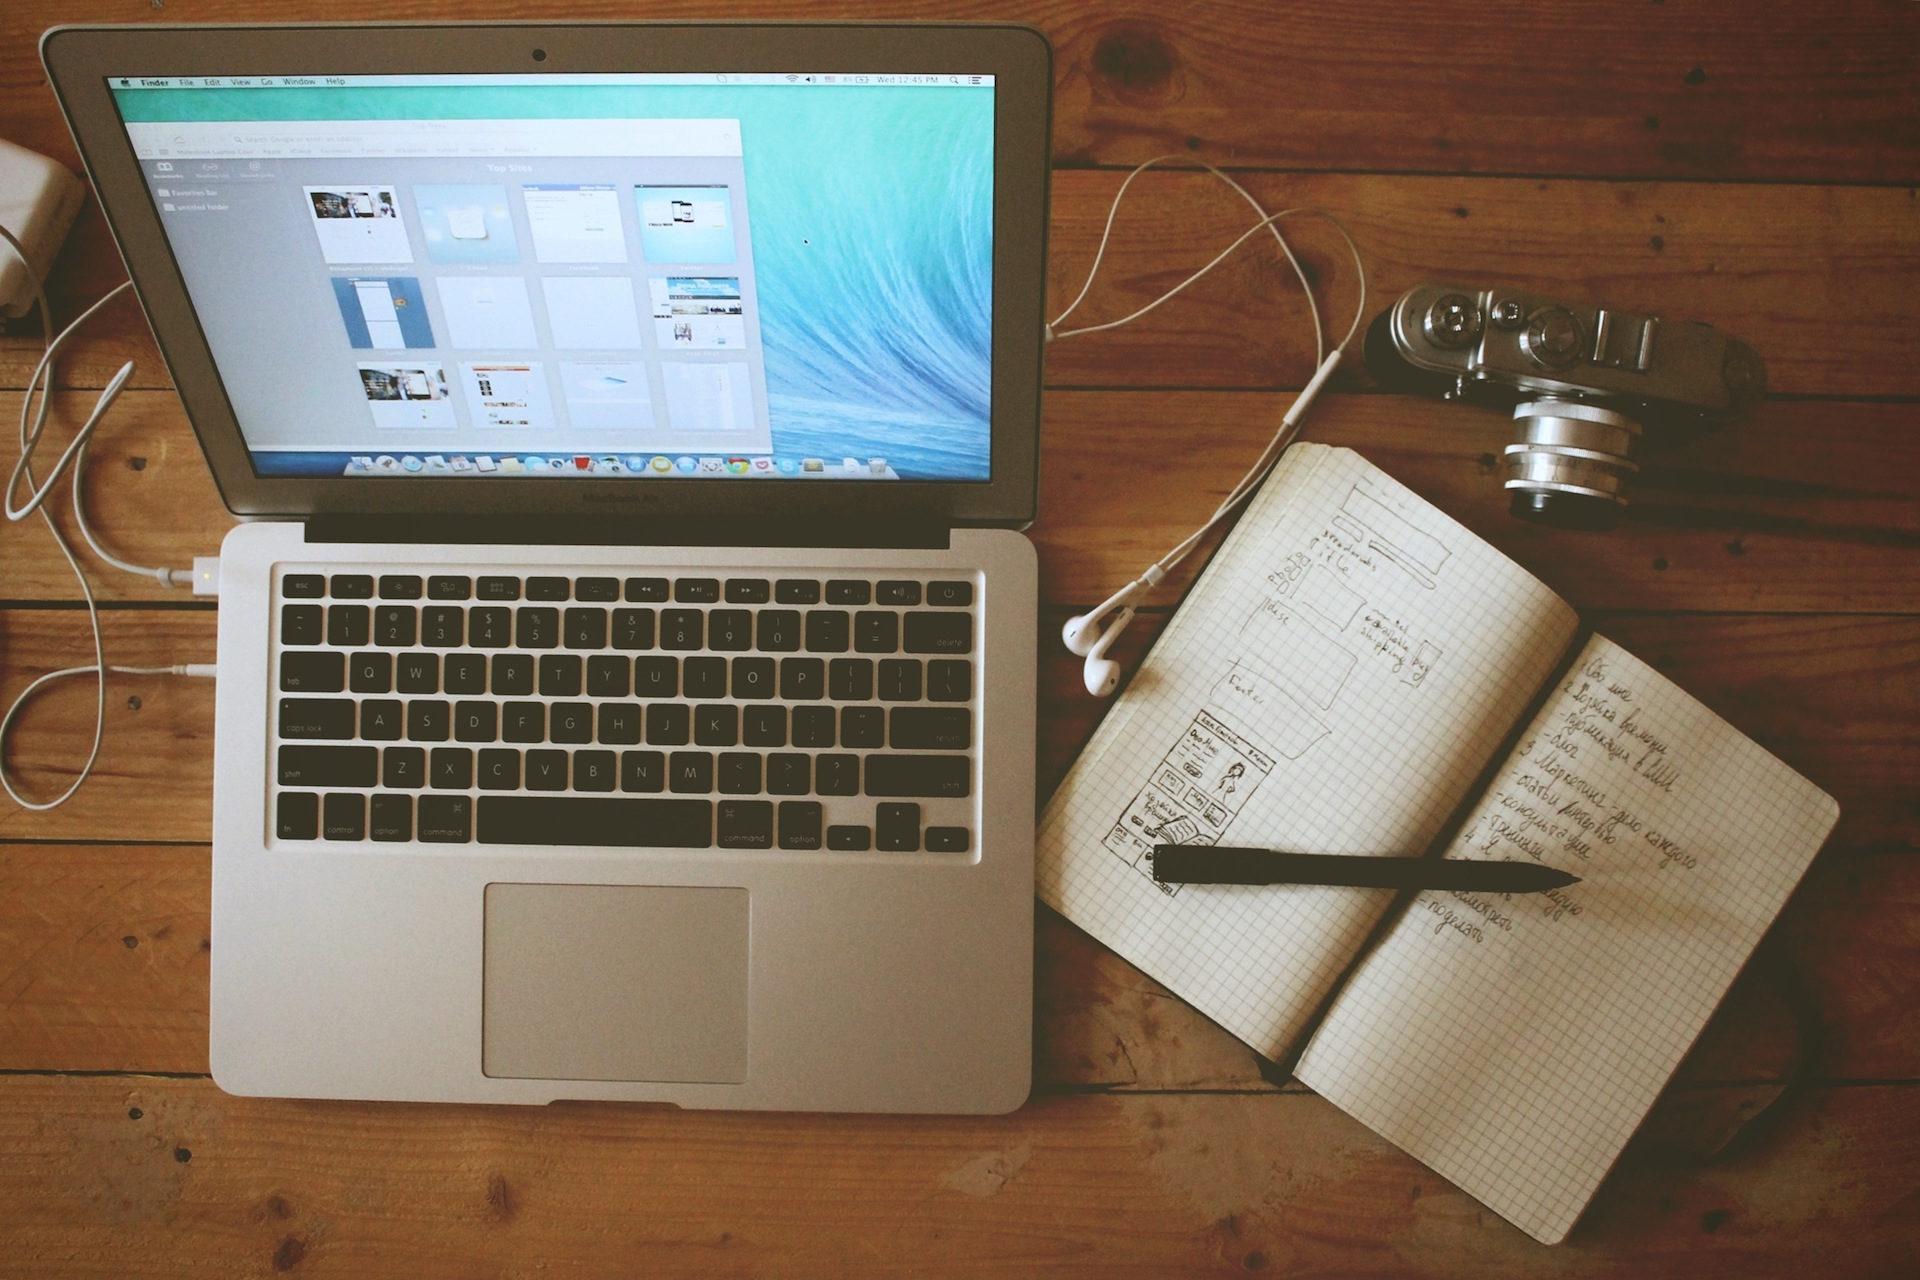 tragbare, Notebook, Schreibtisch, Büro, Kamera - Wallpaper HD - Prof.-falken.com